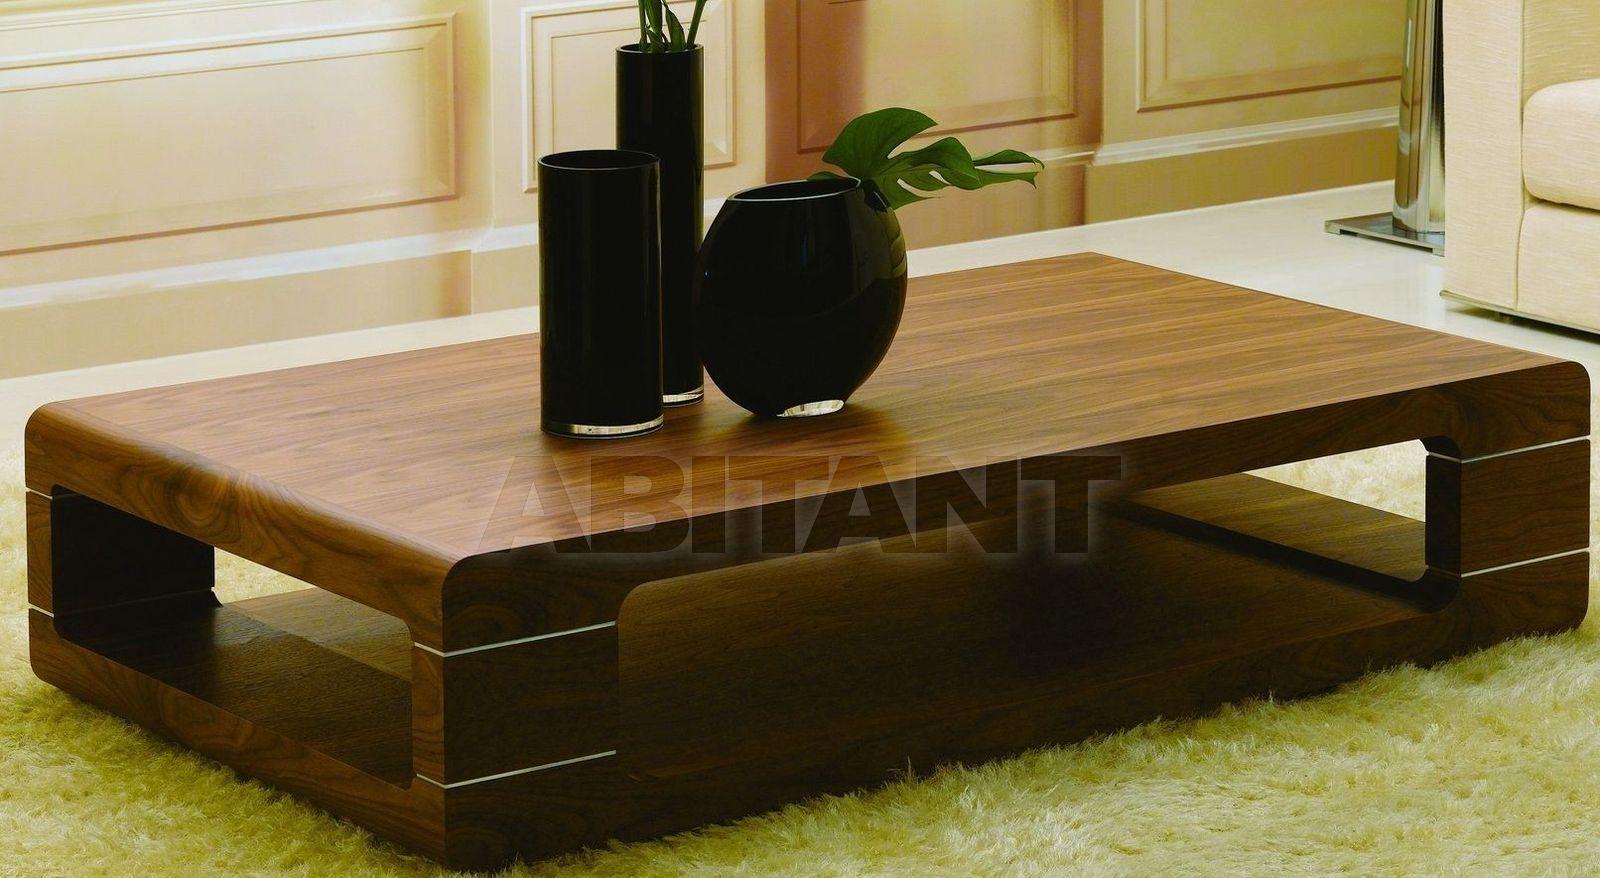 Журнальный столик деревянный купить